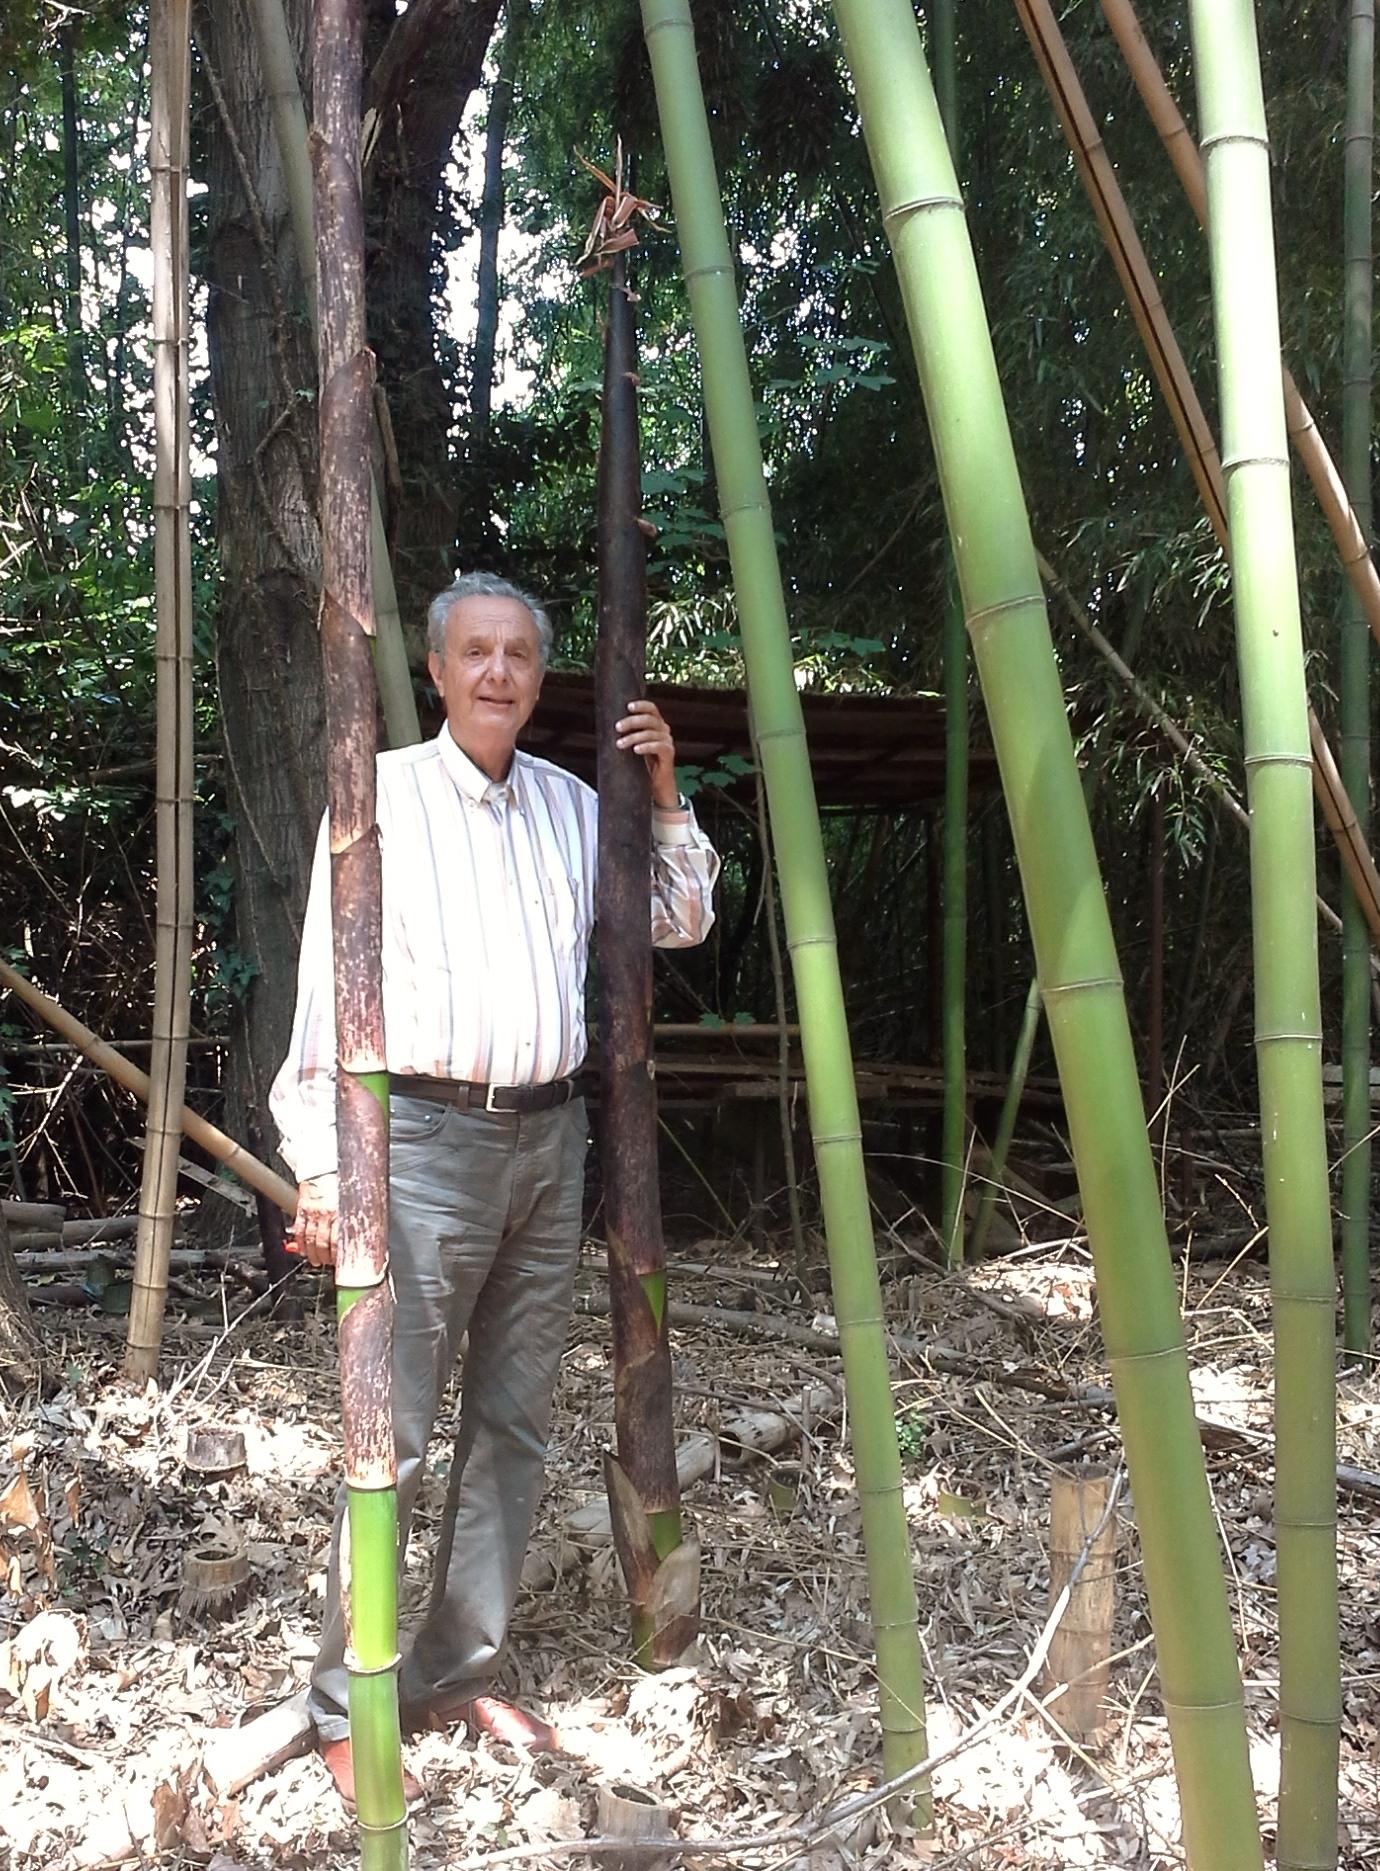 Come coltivare il bamb gigante una guida completa for Semi bambu gigante